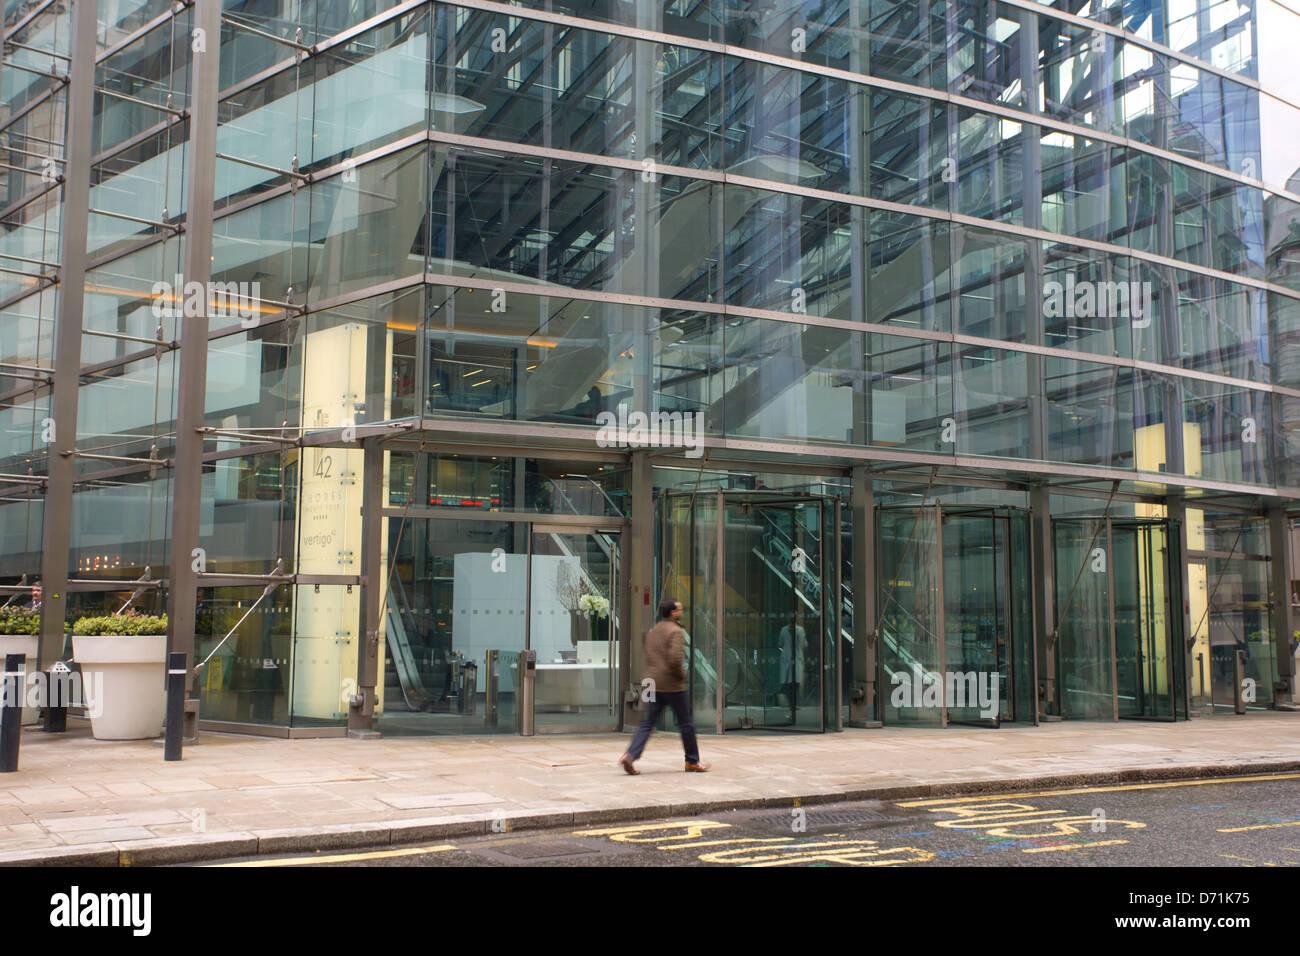 Mann vorbei gehen. Der Eingang zum Turm 42, Old Broad Street London Stockbild